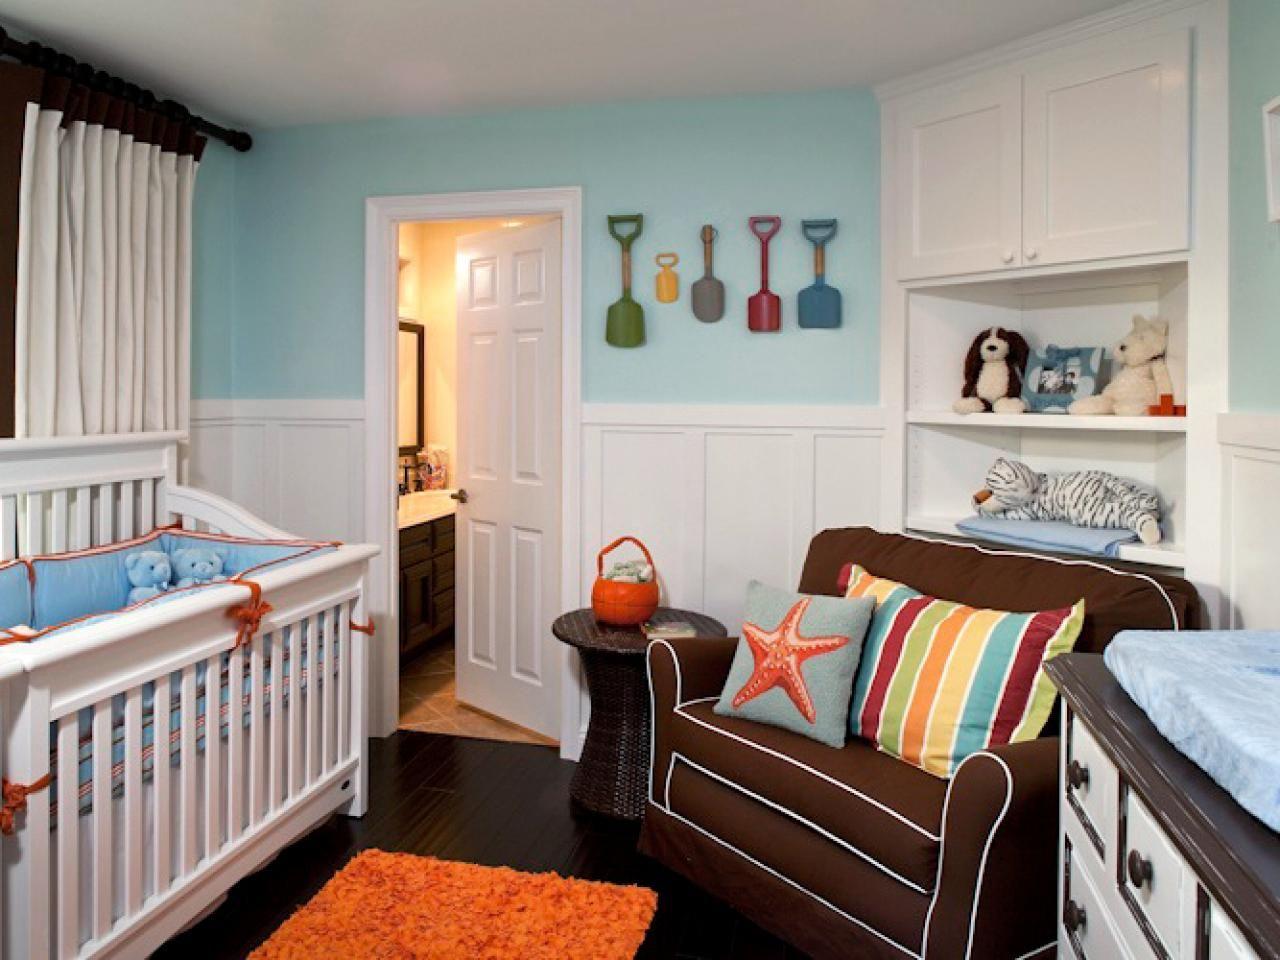 explora habitaciones de bebs y mucho ms - Habitaciones De Bebe Originales